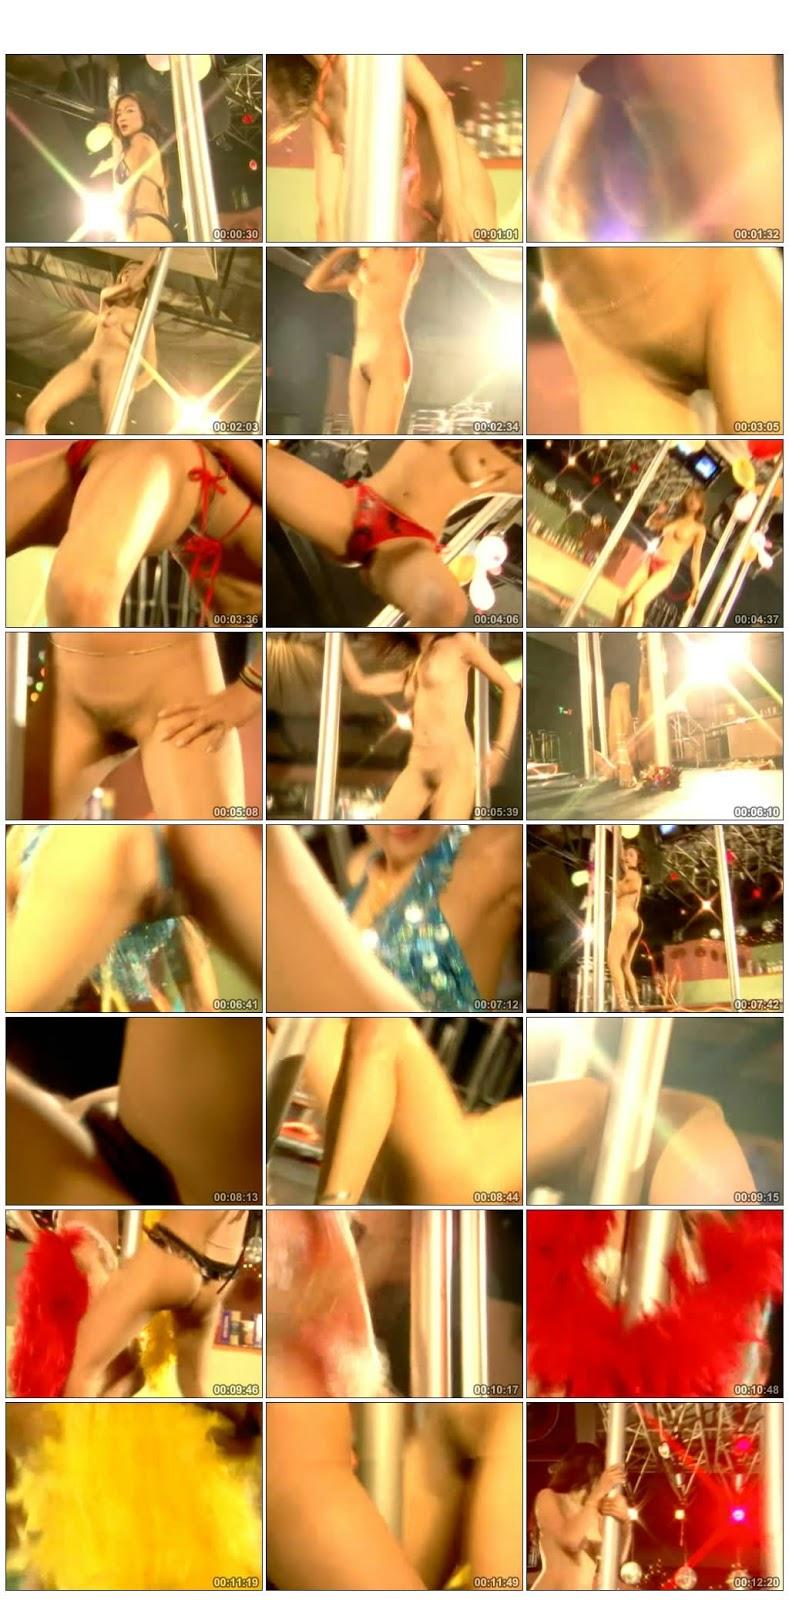 Really Hot Korean Girls - My Favorite Beautiful Korean Babes,Sex-Scandal.Us,Taiwan Celebrity Sex Scandal, Sex-Scandal.Us, hot sex scandal, nude girls, hot girls, Best Girl, Singapore Scandal, Korean Scandal, Japan Scandal